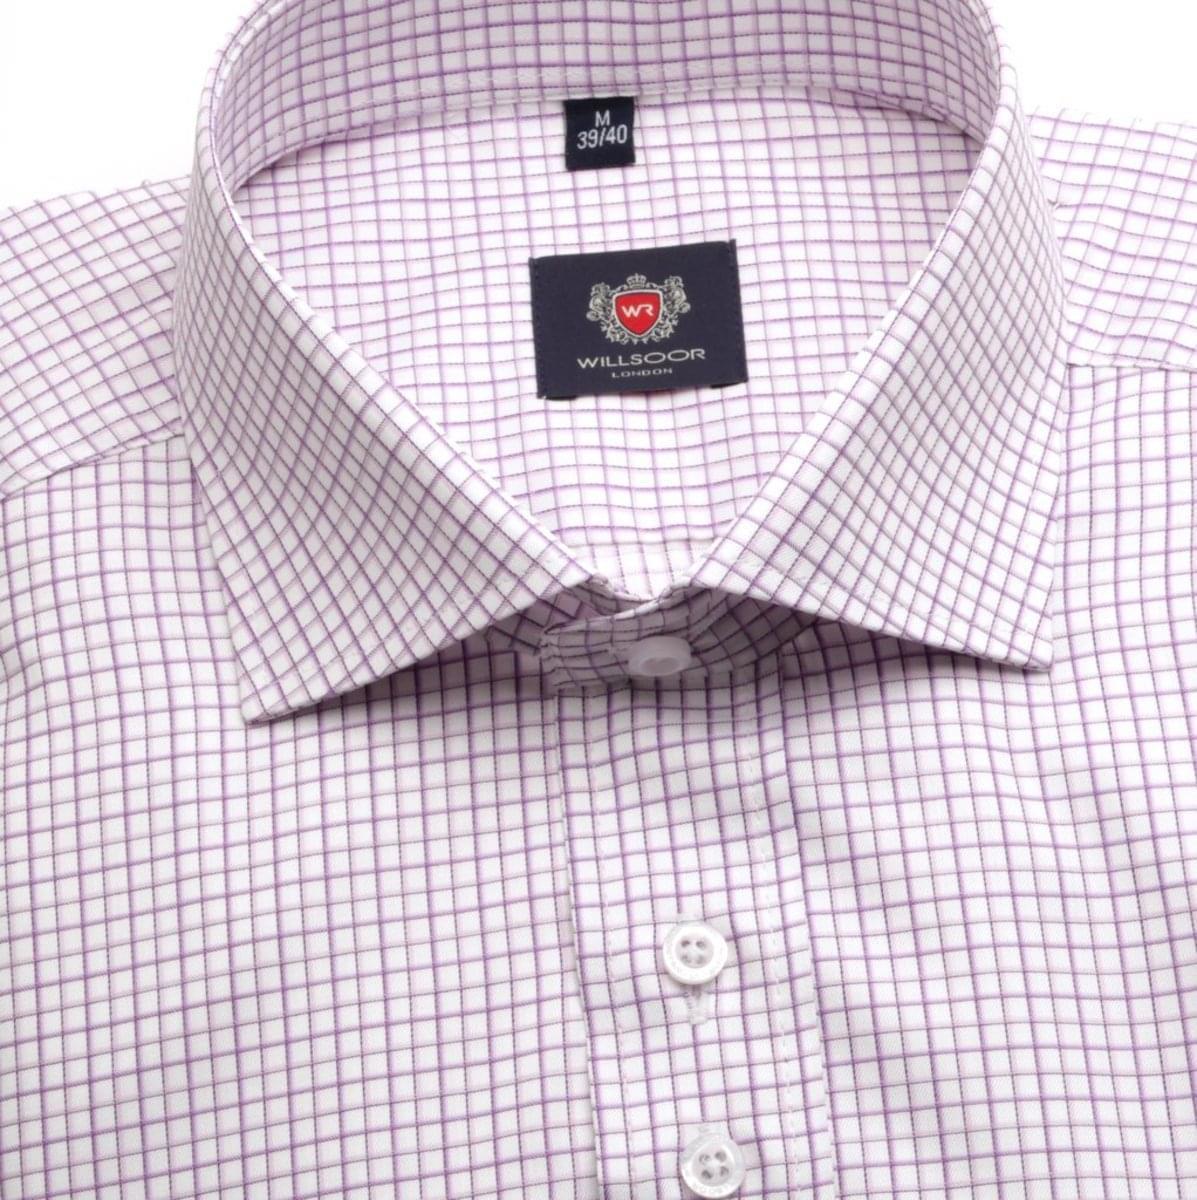 Pánská košile WR London ve fialkové barvě s kostkou (výška 176-182) 5179